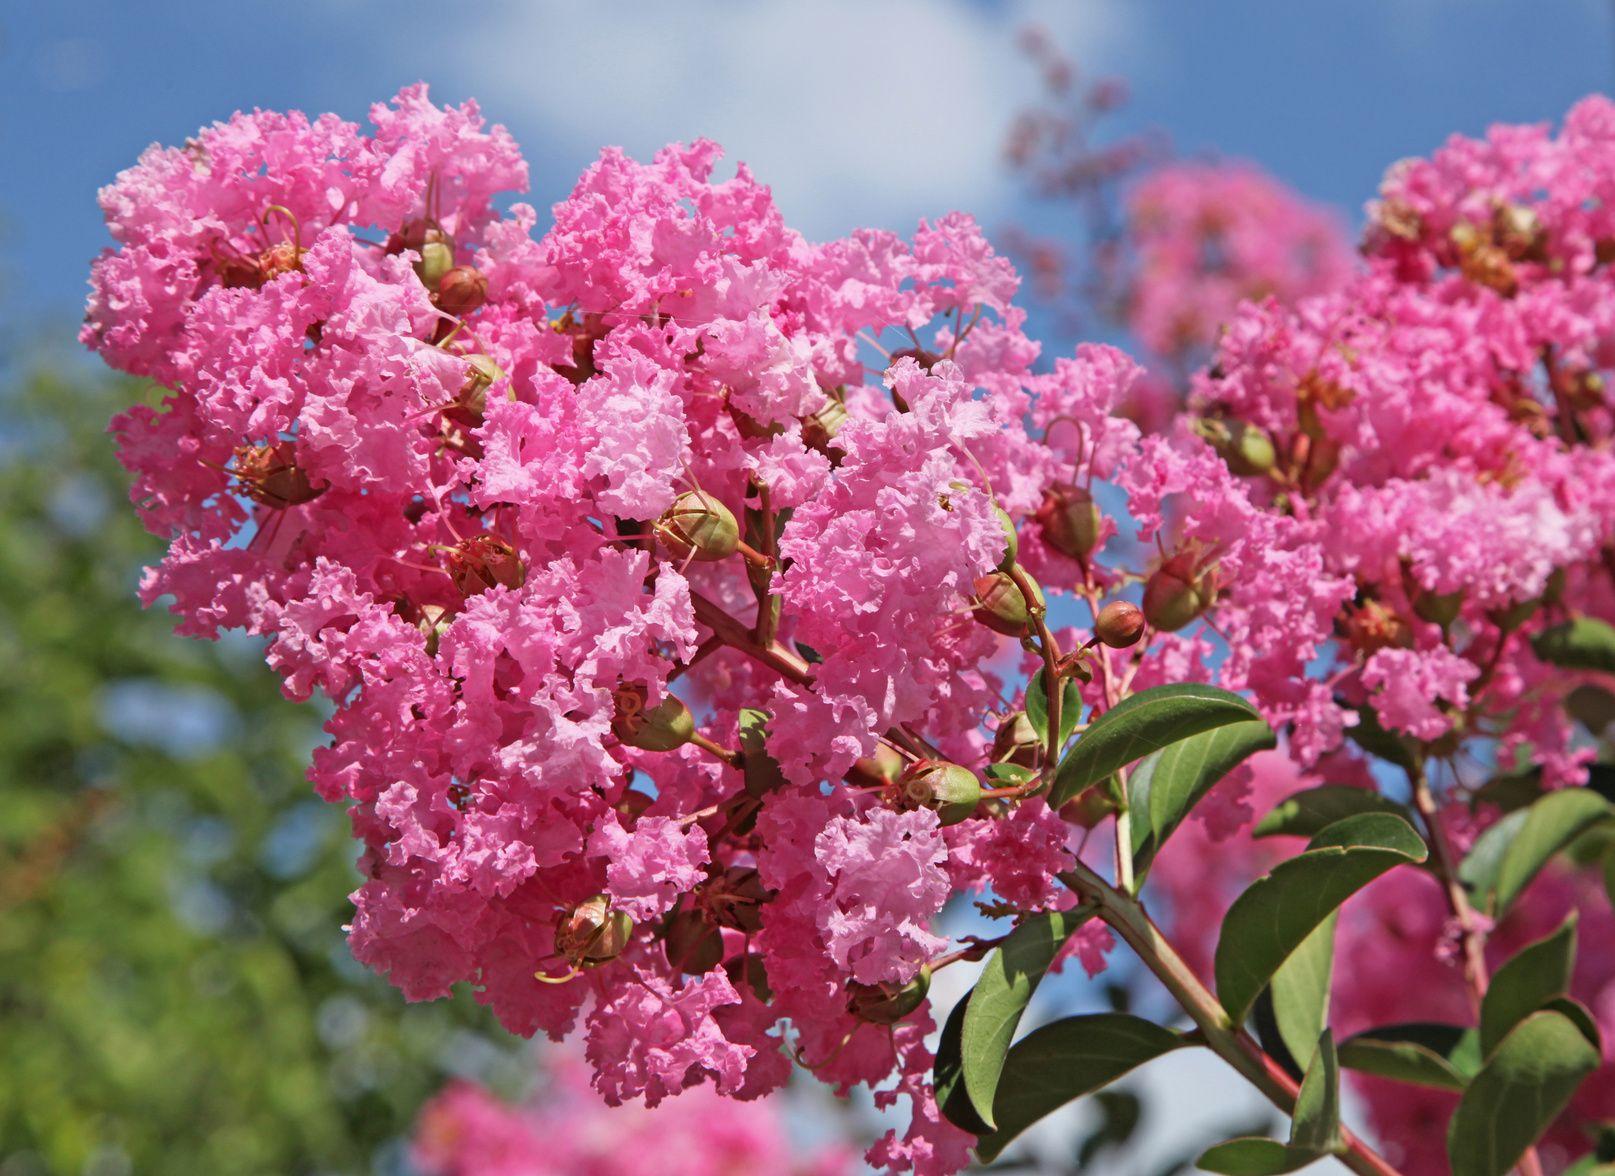 Lagerstroemia ou lilas des indes - Fleurs vivaces longue floraison ...